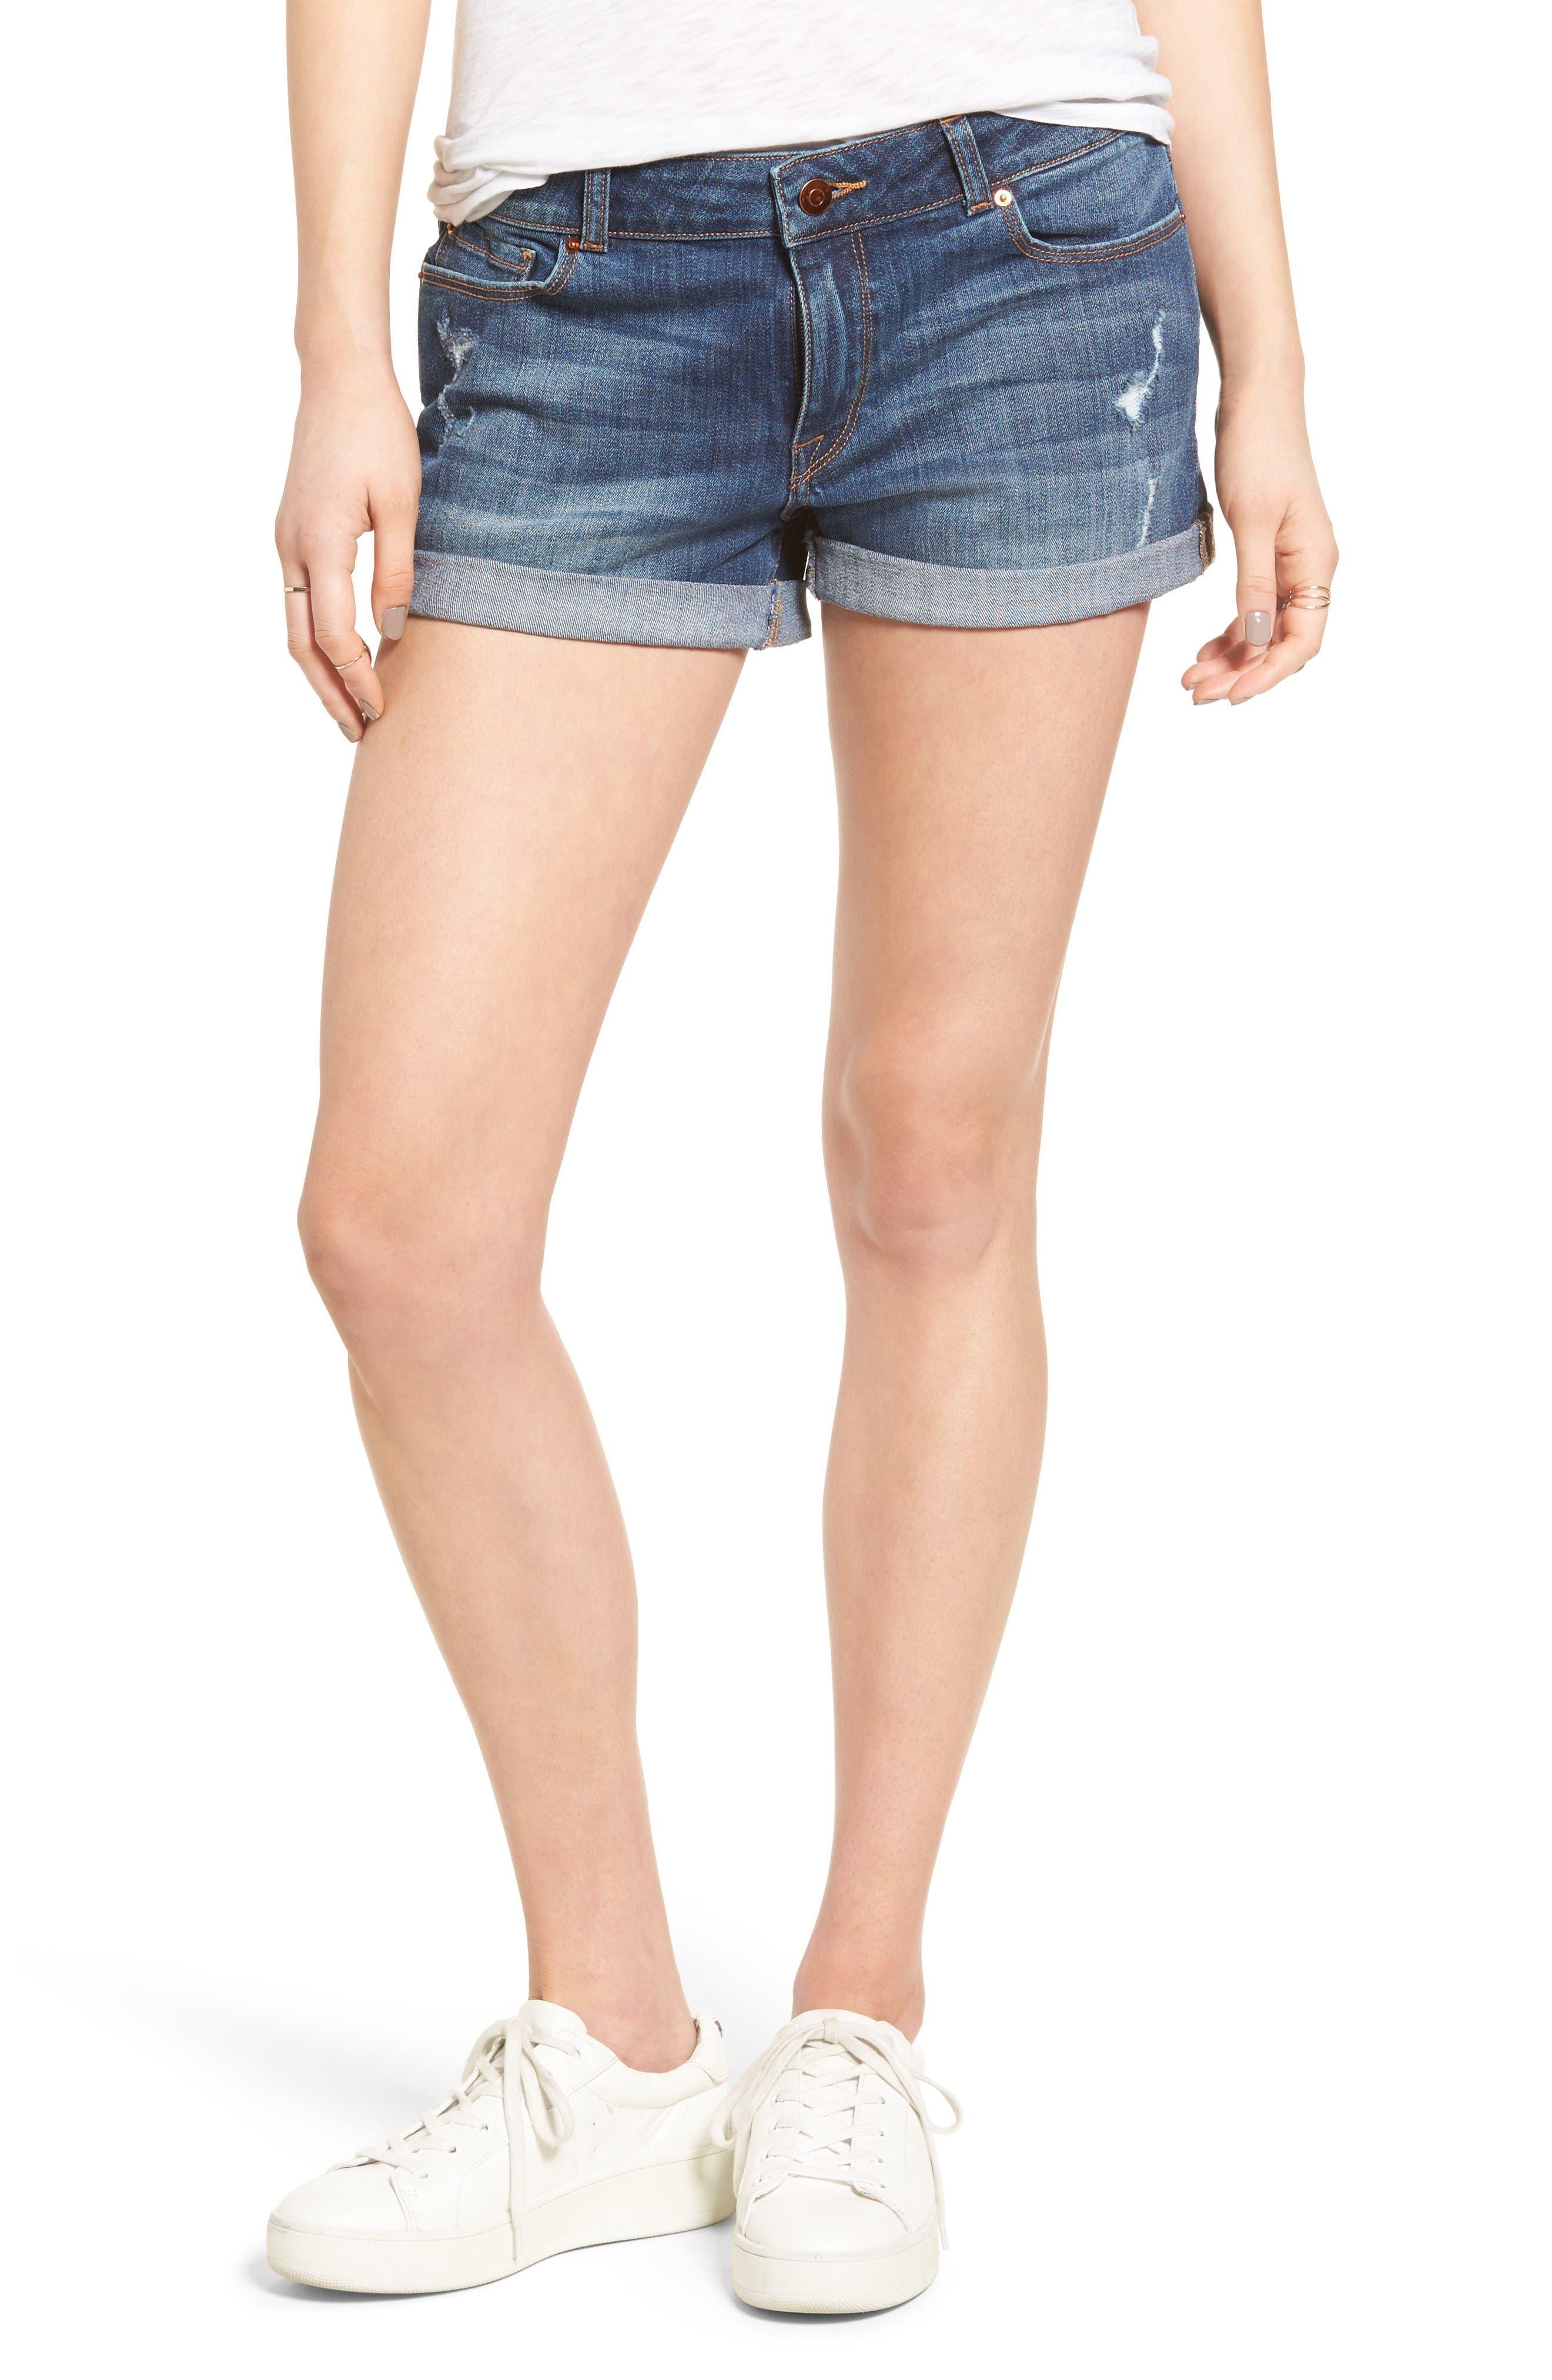 DL1961 Renee Denim Shorts (Strive)